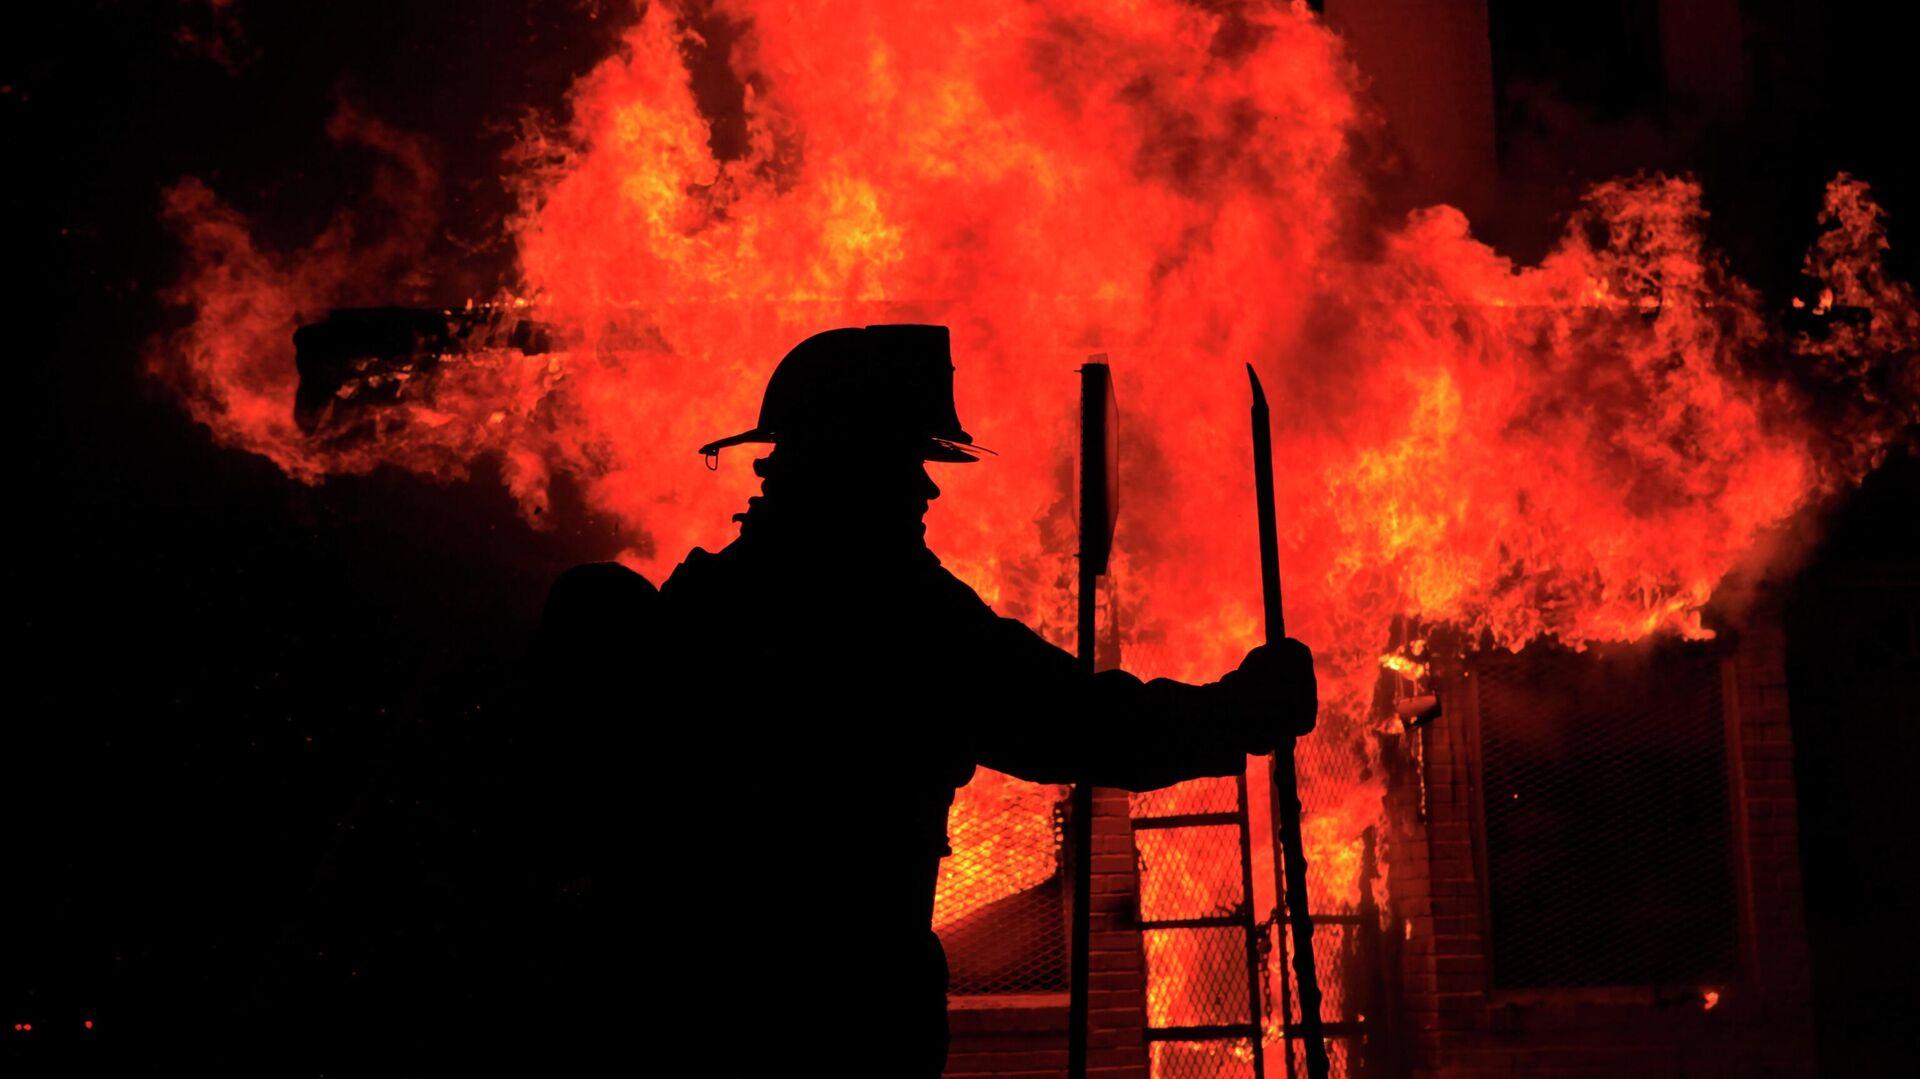 Feuerwehr in den USA (Archiv) - SNA, 1920, 28.07.2021